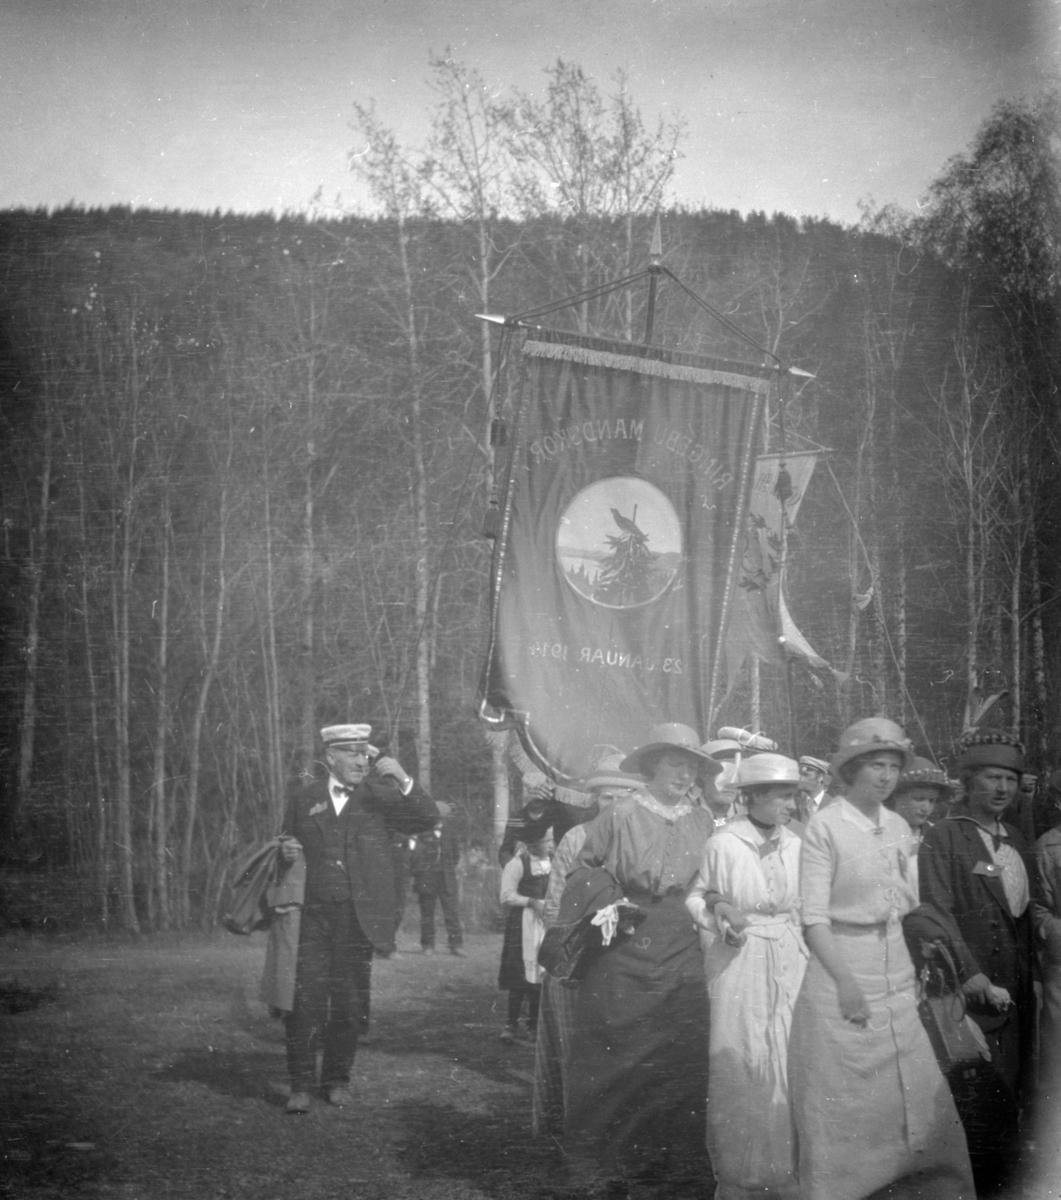 Kvinner i spissen for opptog. Bak fane med påskrift Ringebu Mandskor 23 januar 1914. Negativet halvert